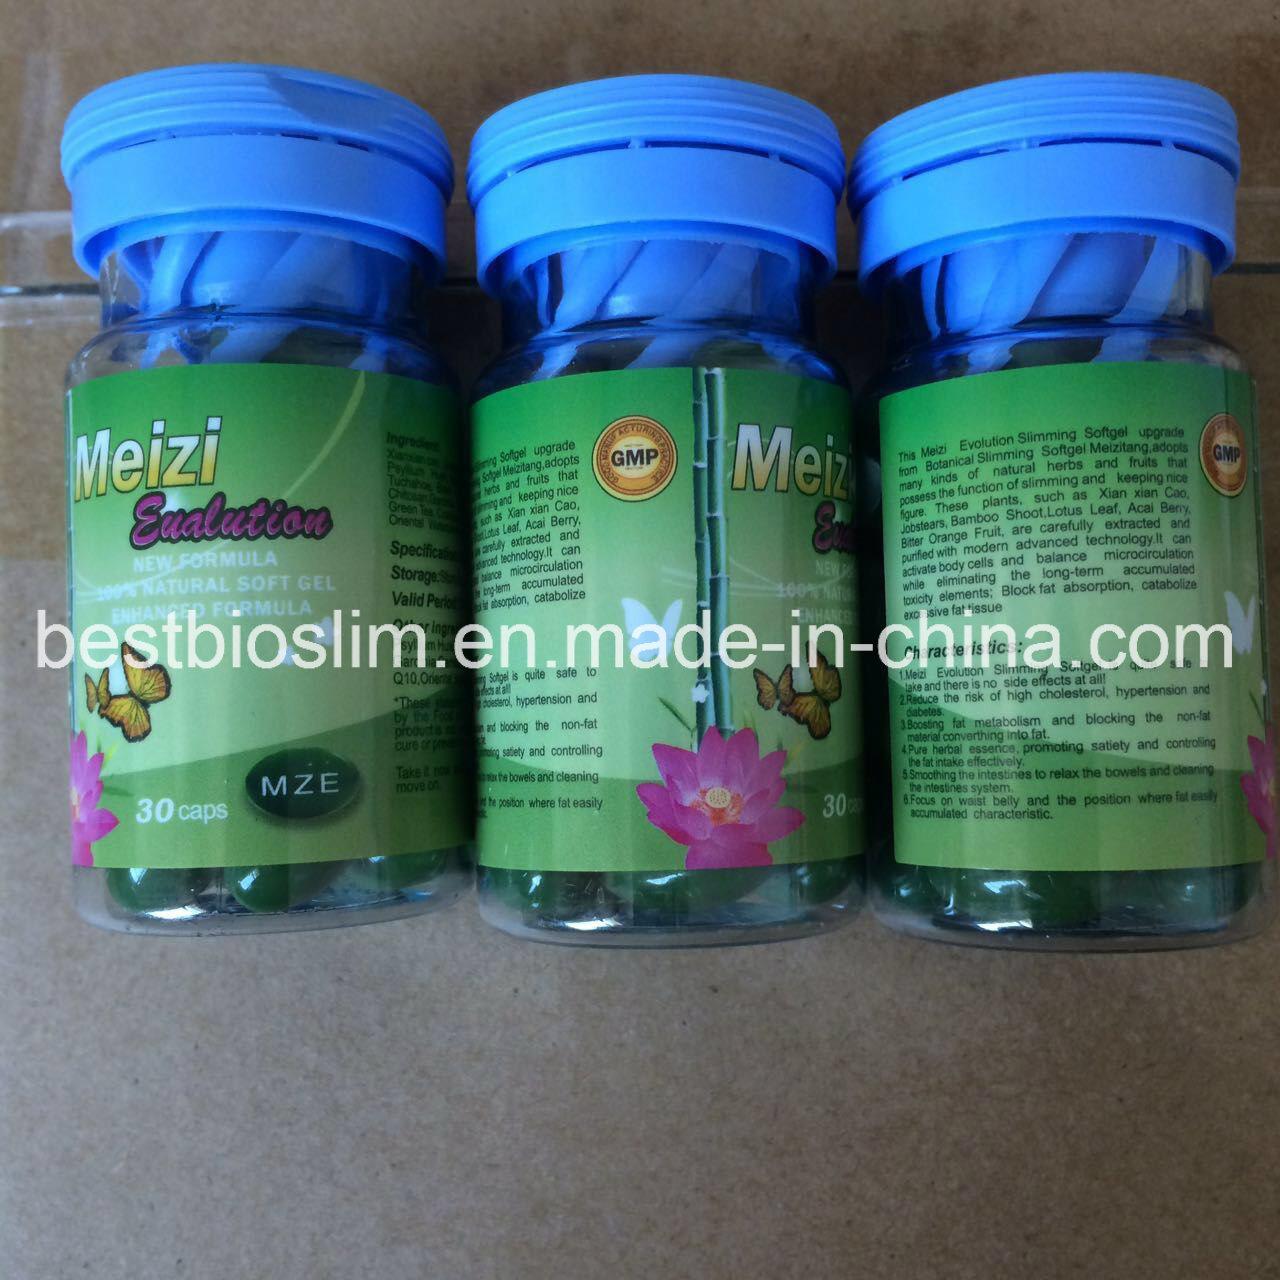 Ultimate Formula Bee Pollen Zixiu Slimming Capsule Diet Pills